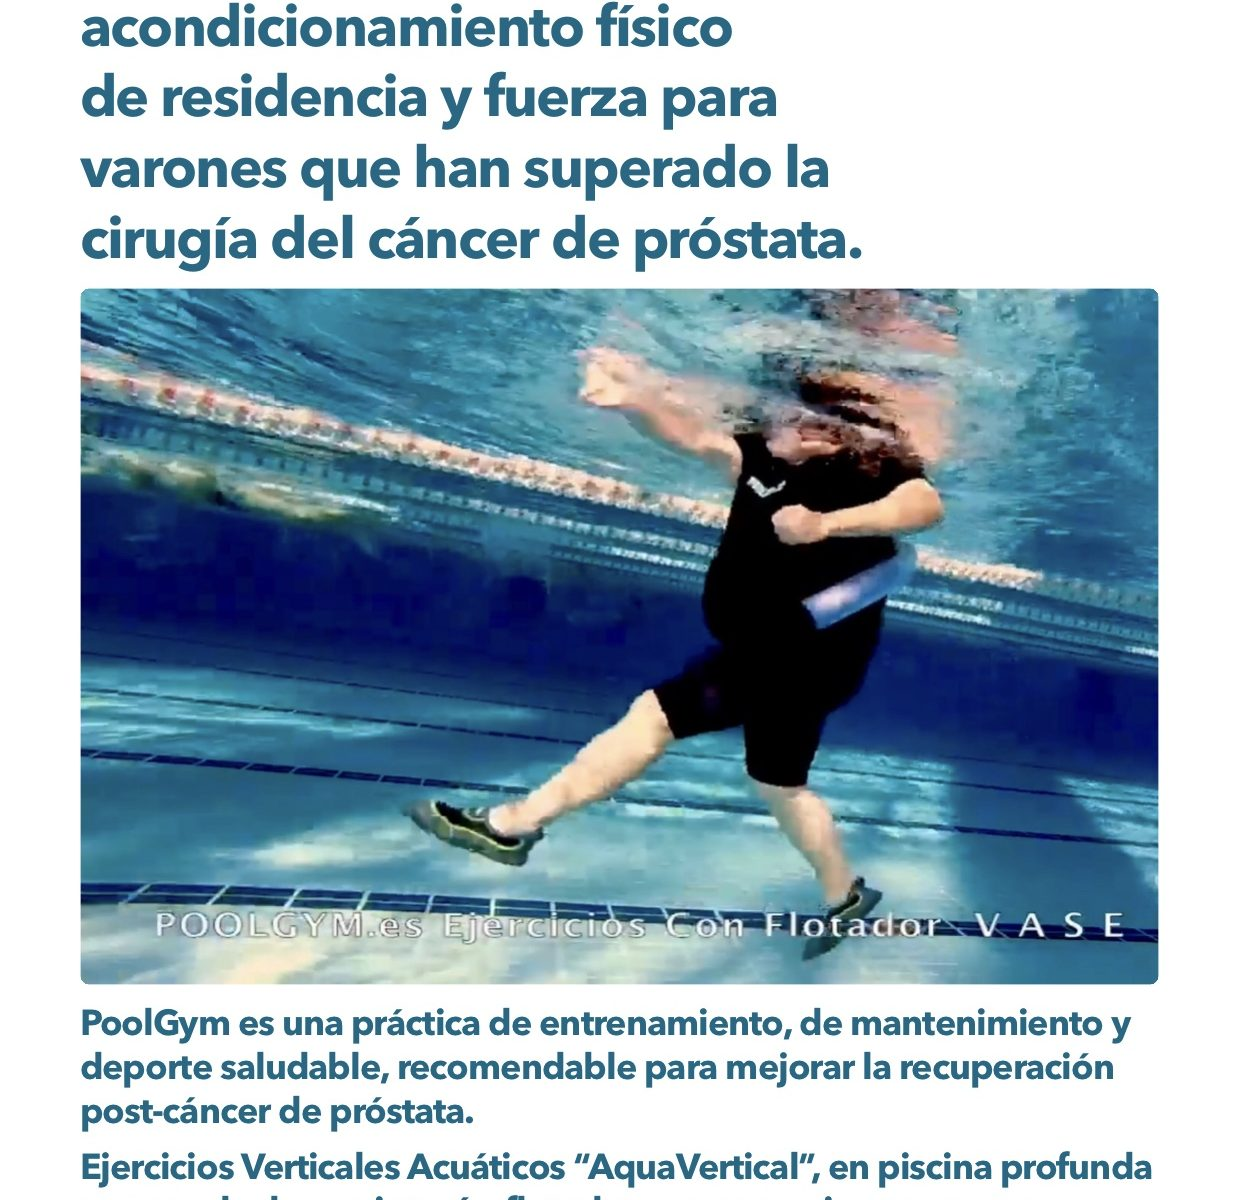 Programa Acuático de acondicionamiento físico de residencia y fuerza para varones que han superado la cirugía del cáncer de próstata